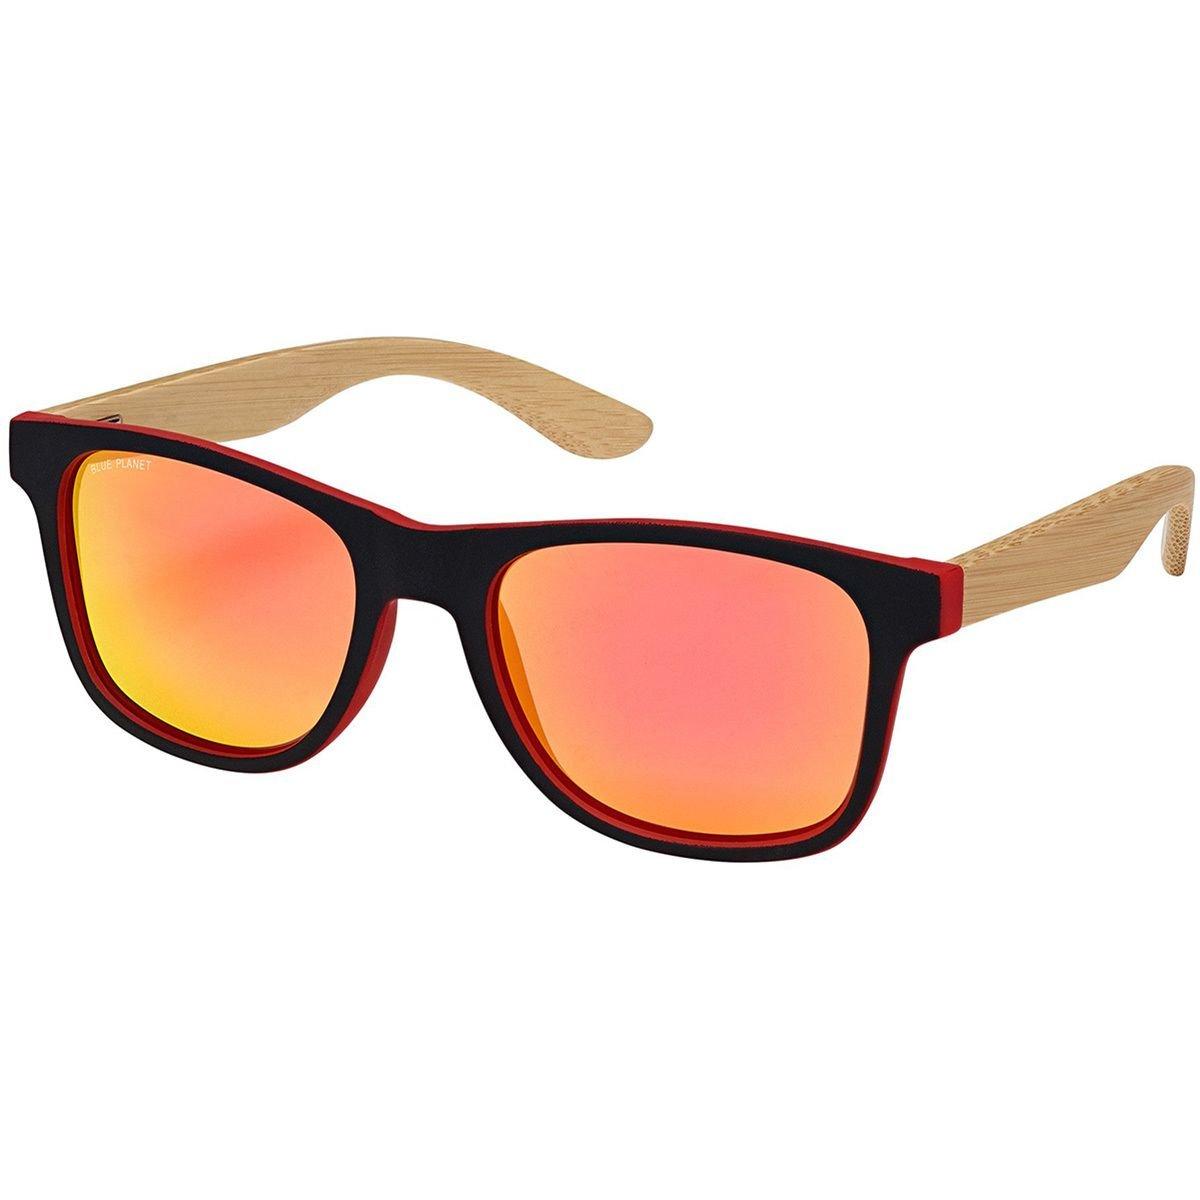 Amazon.com: Azul Planeta anteojos de sol ancla: Clothing